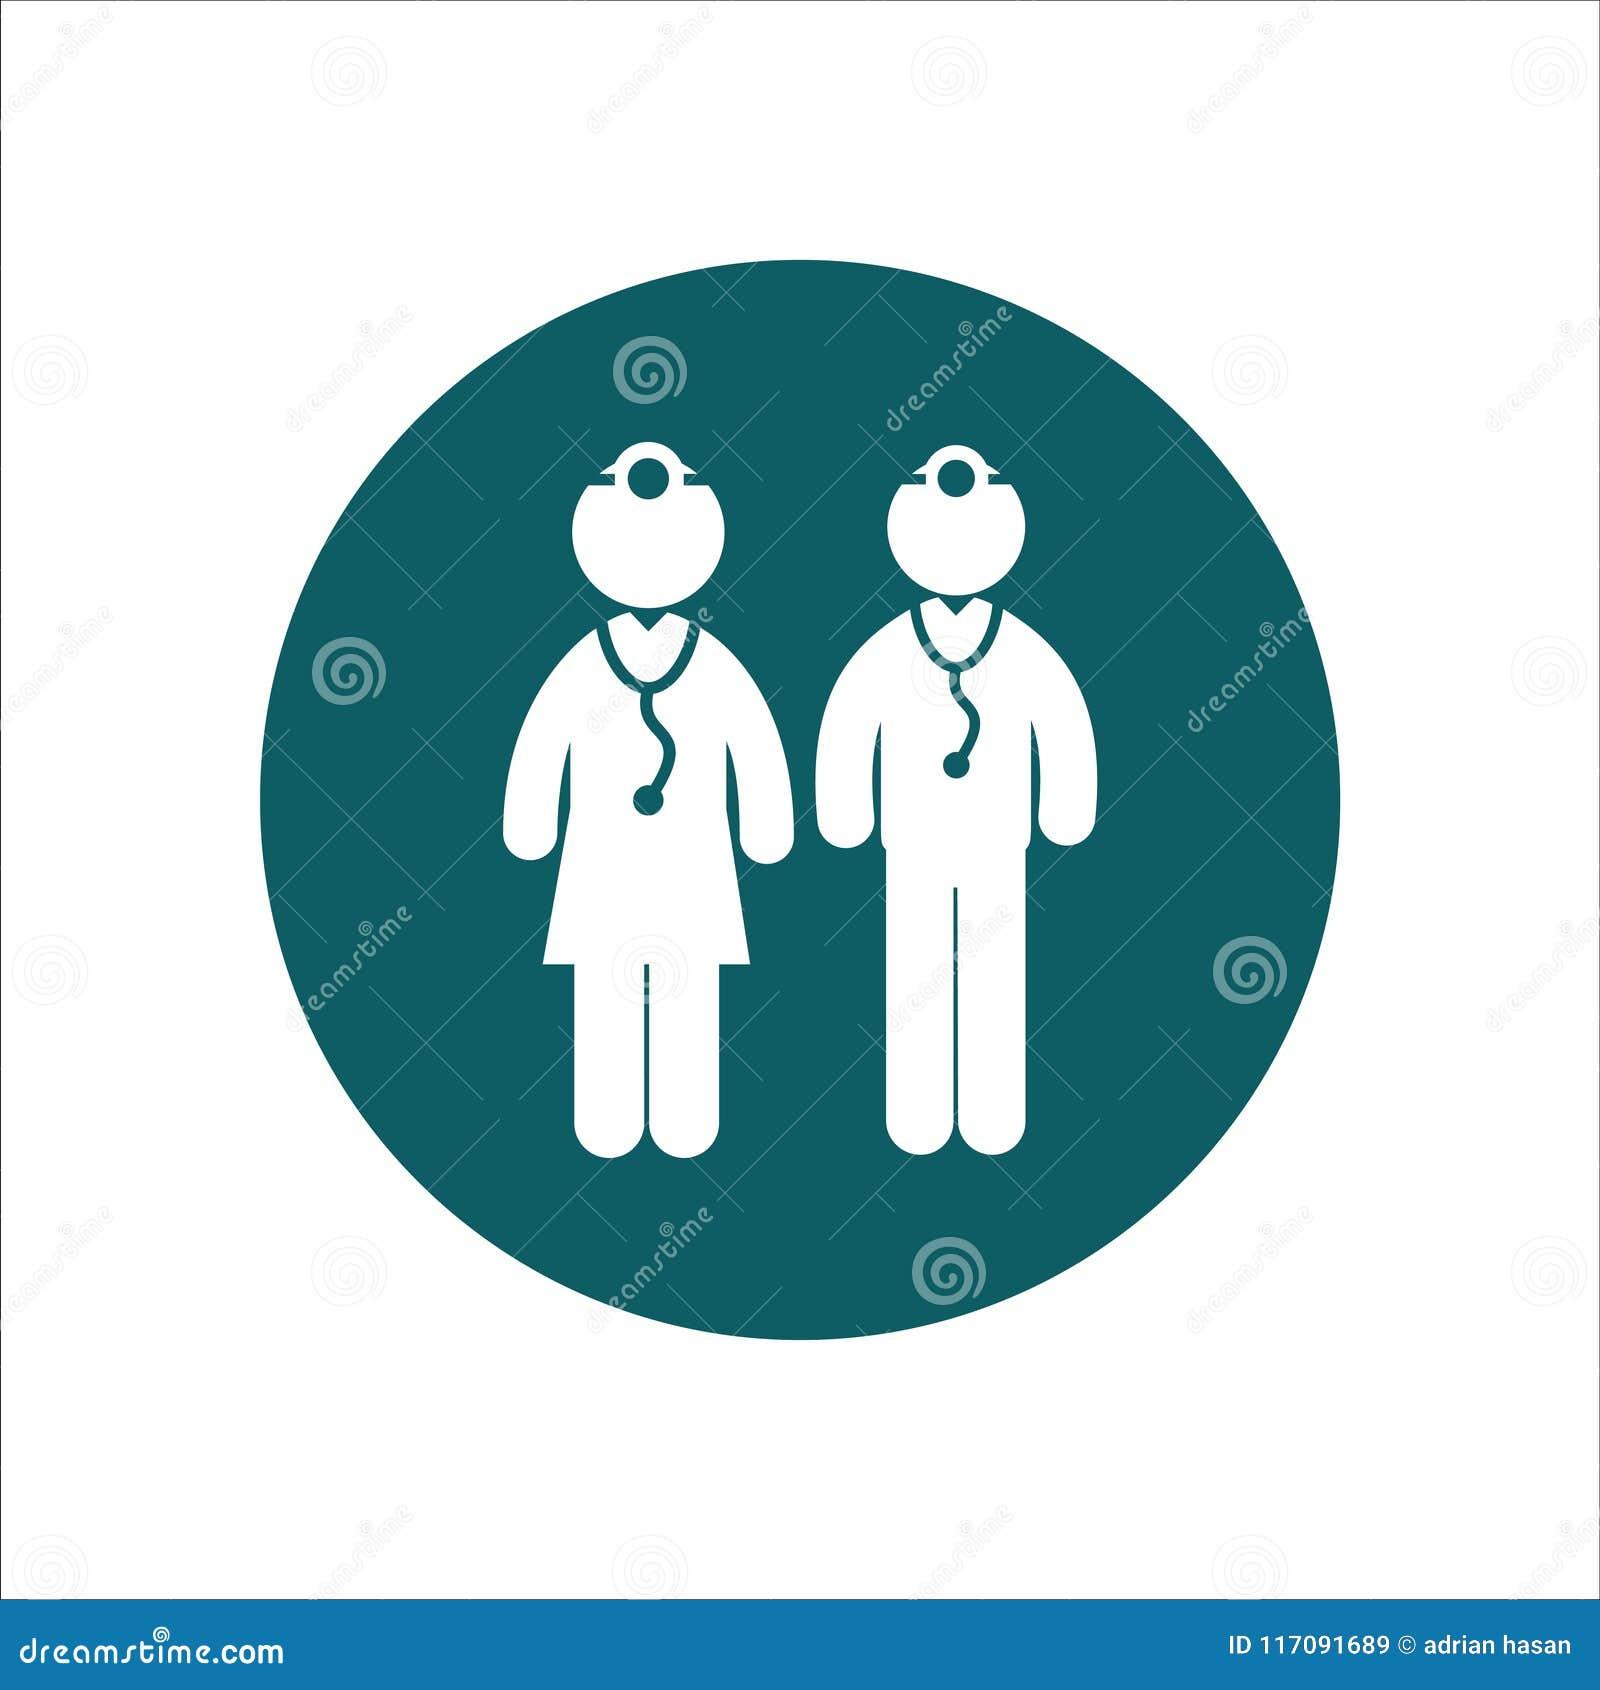 Männliche Doktoren und Ärztinnen Gesundheits-Ikonen-Vektor Ilustration